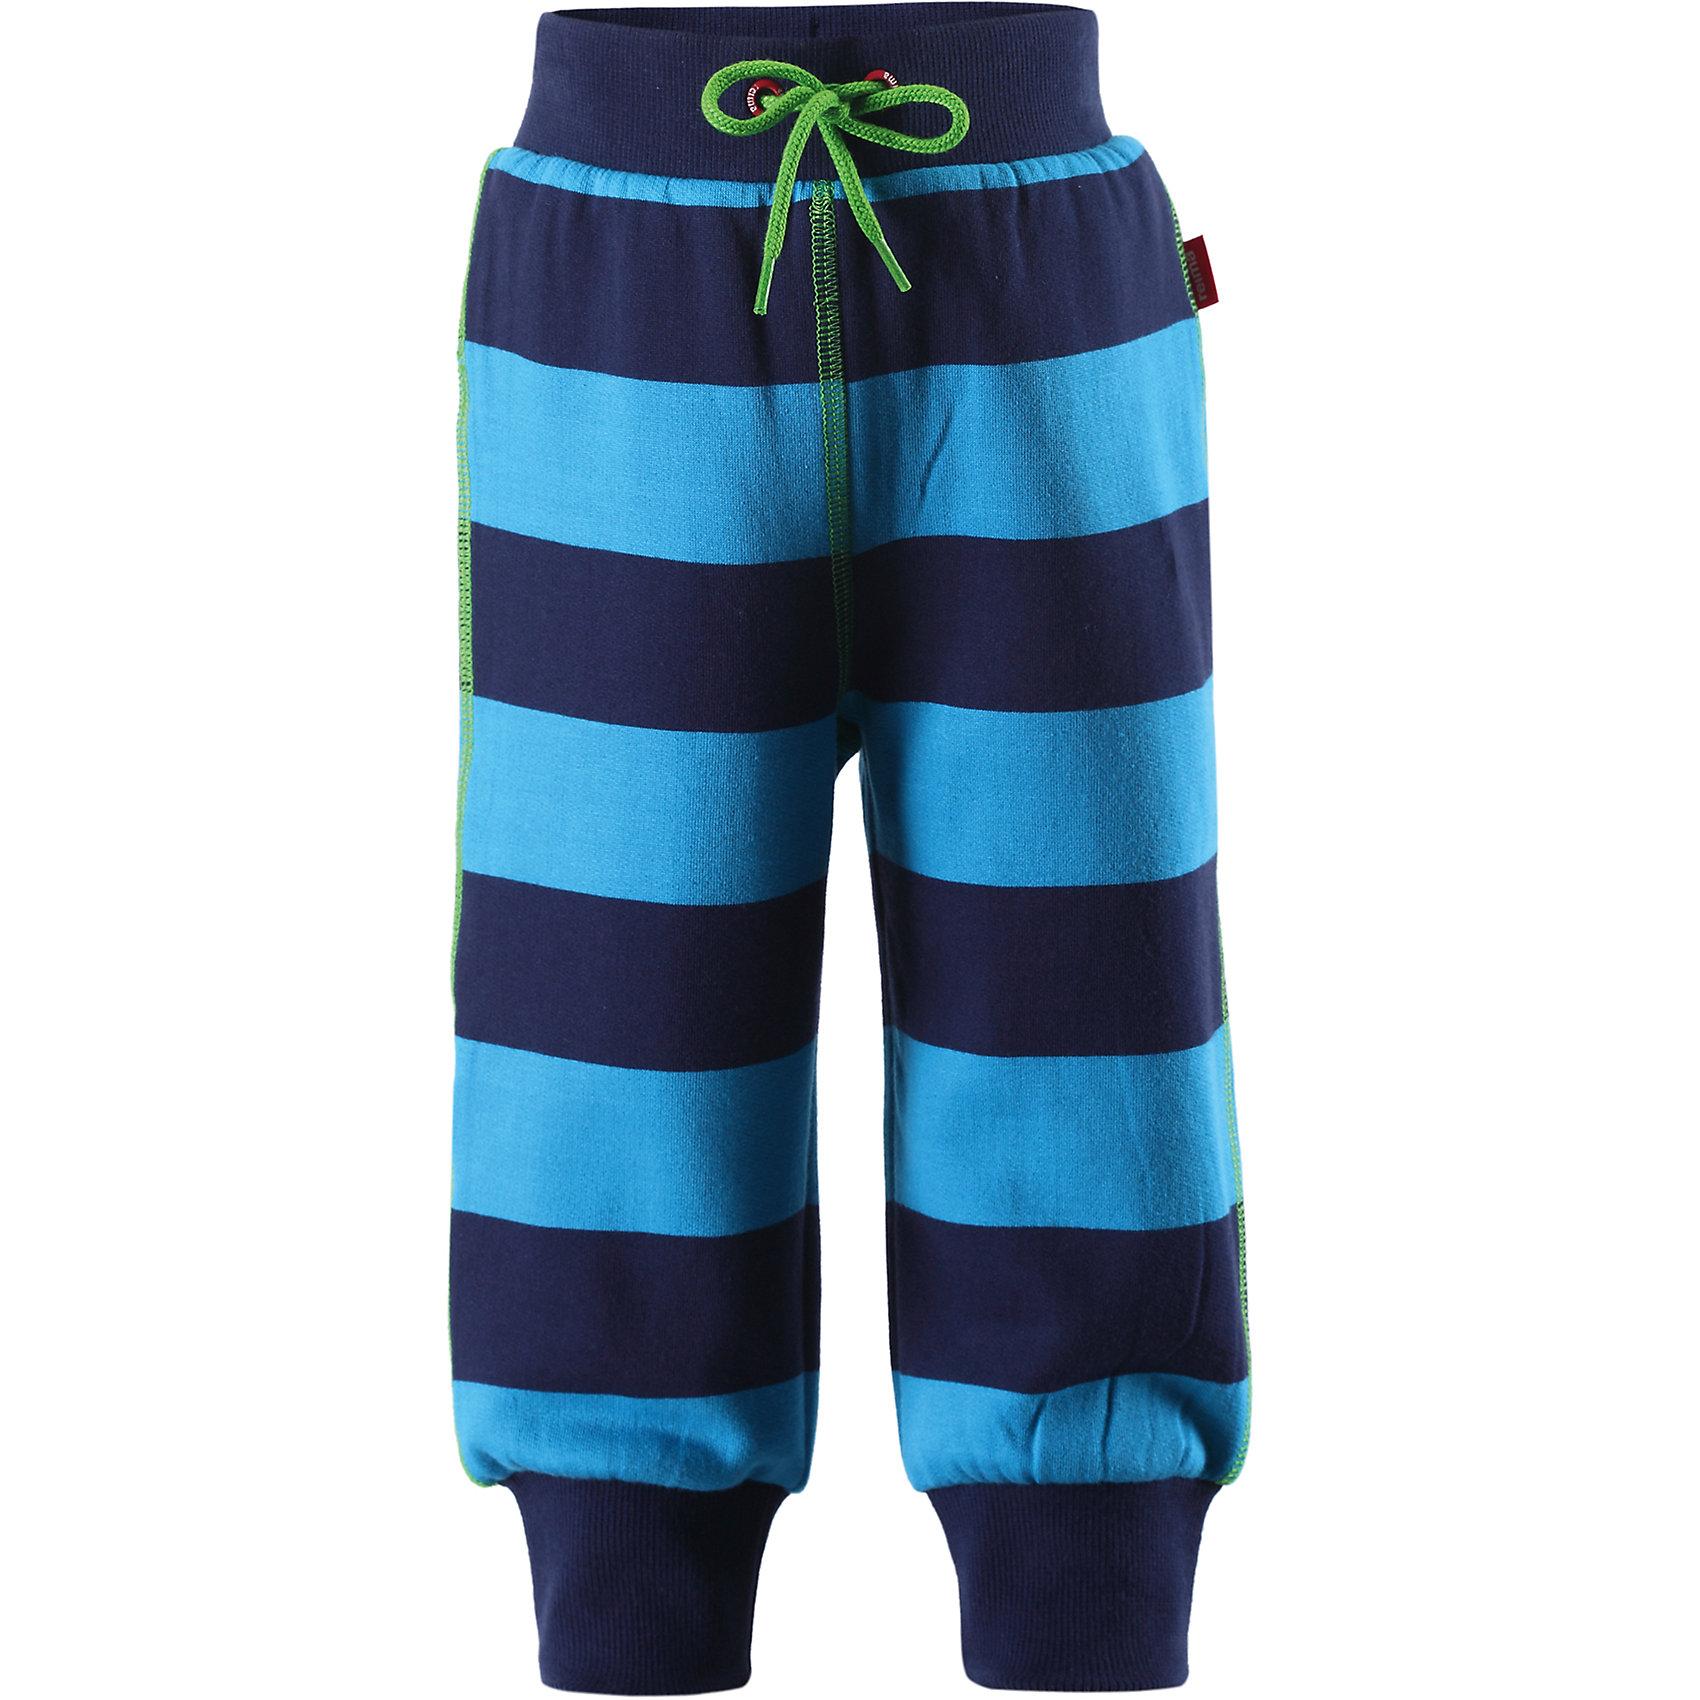 Флисовые брюки для мальчика ReimaФлисовые брюки для мальчика от финской марки Reima.<br>Состав:<br>75% ХЛ 25% ПЭ<br><br>Ширина мм: 215<br>Глубина мм: 88<br>Высота мм: 191<br>Вес г: 336<br>Цвет: голубой<br>Возраст от месяцев: 3<br>Возраст до месяцев: 6<br>Пол: Мужской<br>Возраст: Детский<br>Размер: 68<br>SKU: 4653775